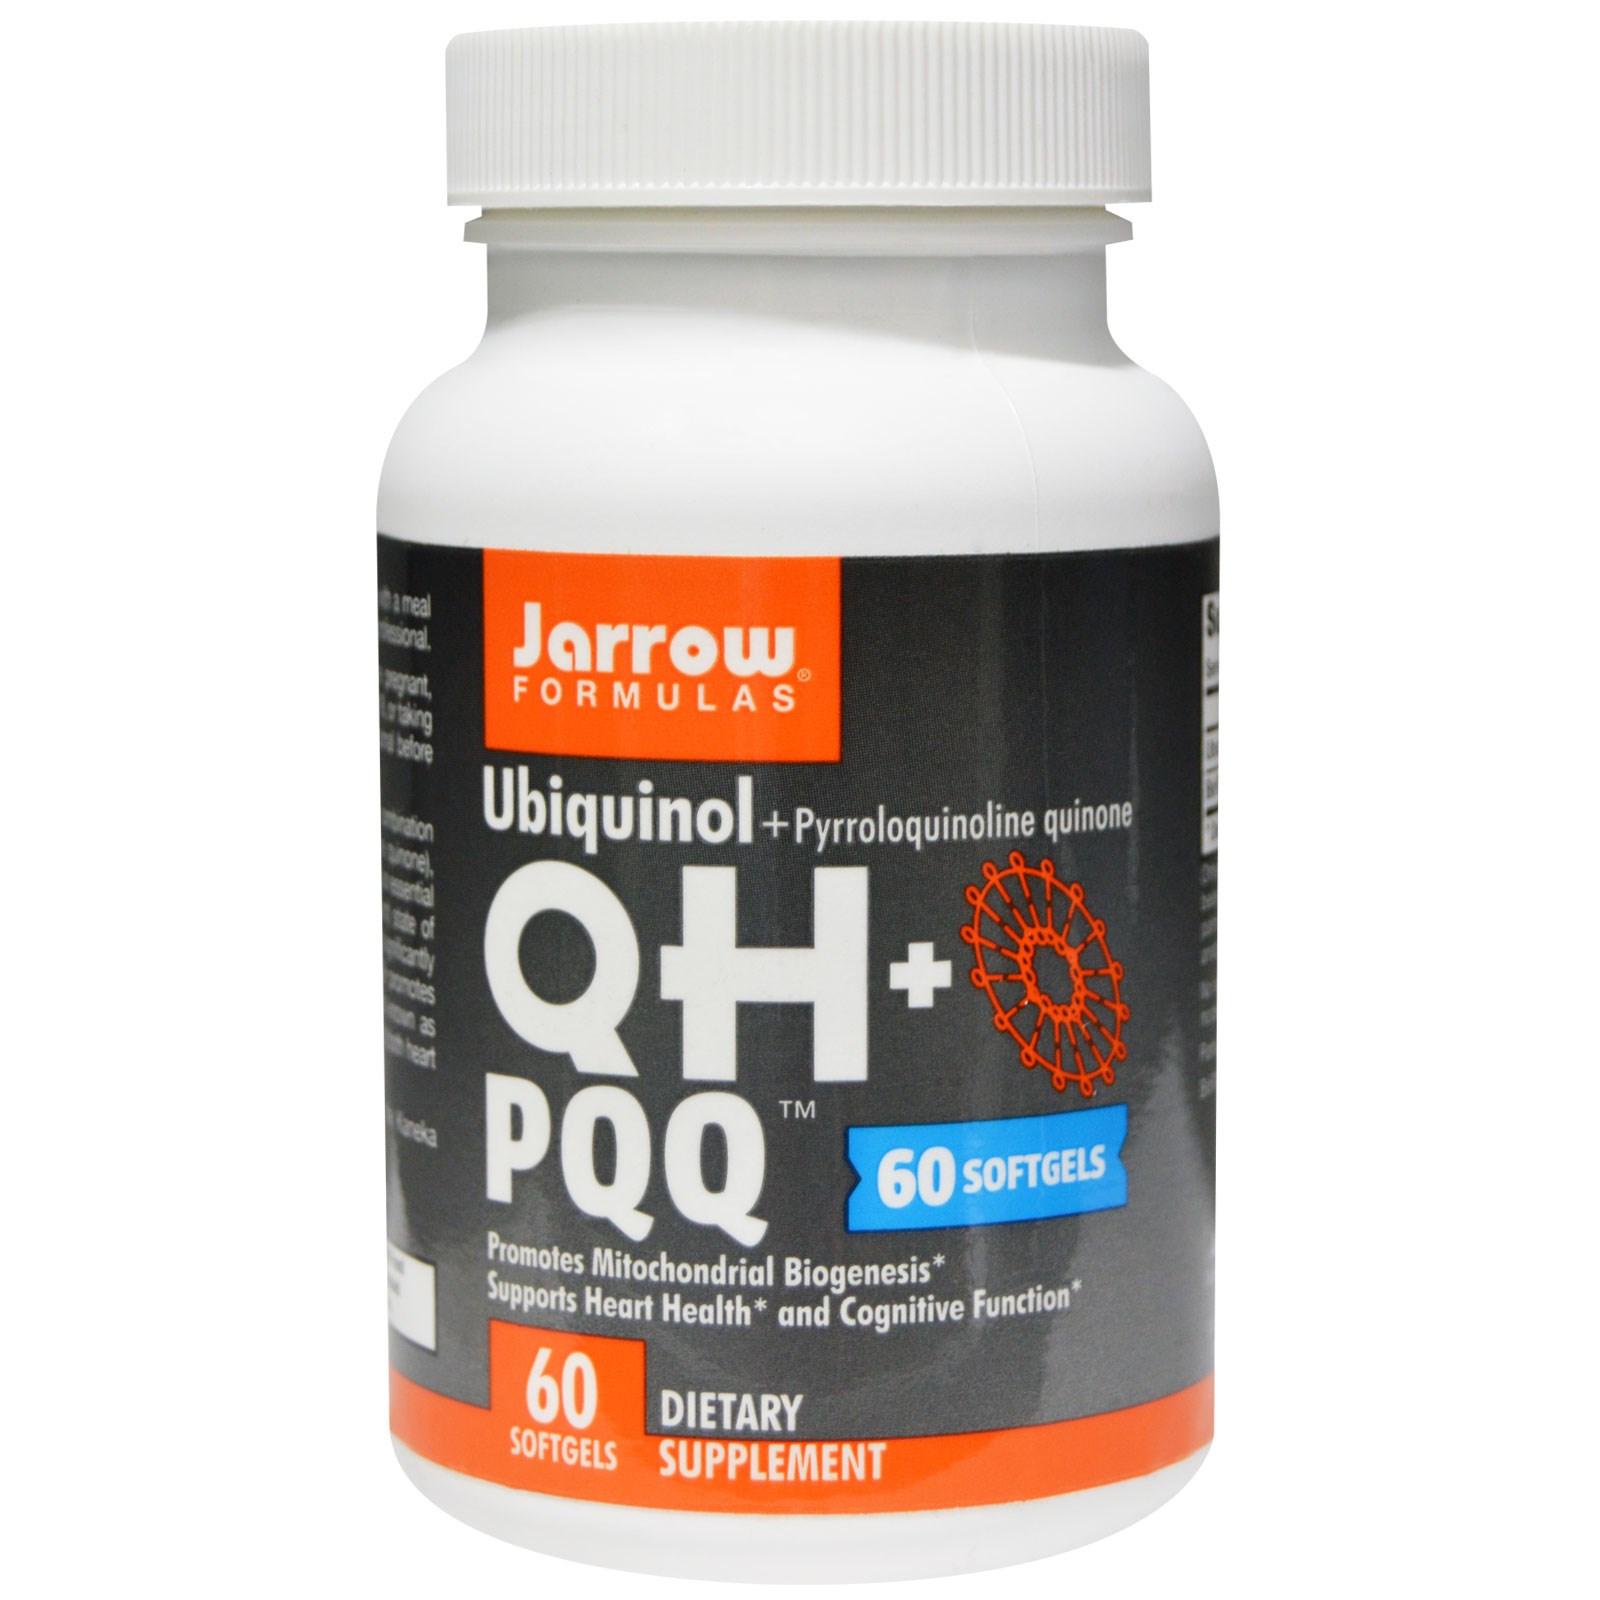 Image of Ubiquinol QH + PQQ (60 capsule) - Jarrow Formulas 0790011060284